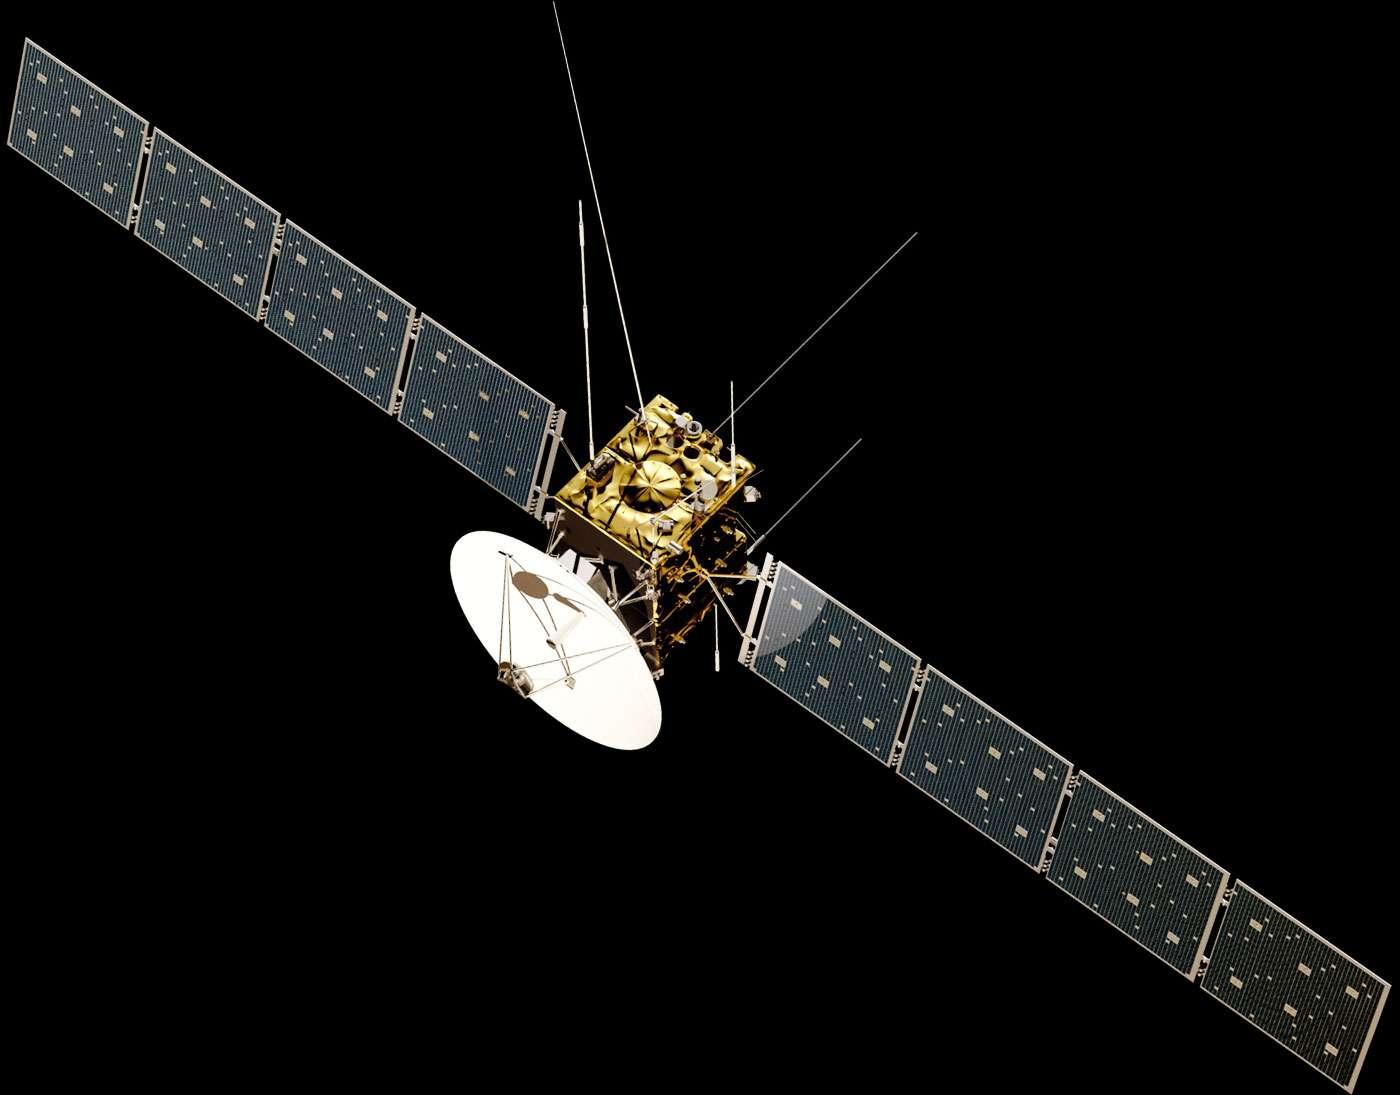 Prévue au lancement en 2022, Juice sera la première sonde de l'Agence spatiale européenne à s'aventurer dans le système jovien pour étudier Jupiter et trois de ses lunes. © Esa, ATG Medialab